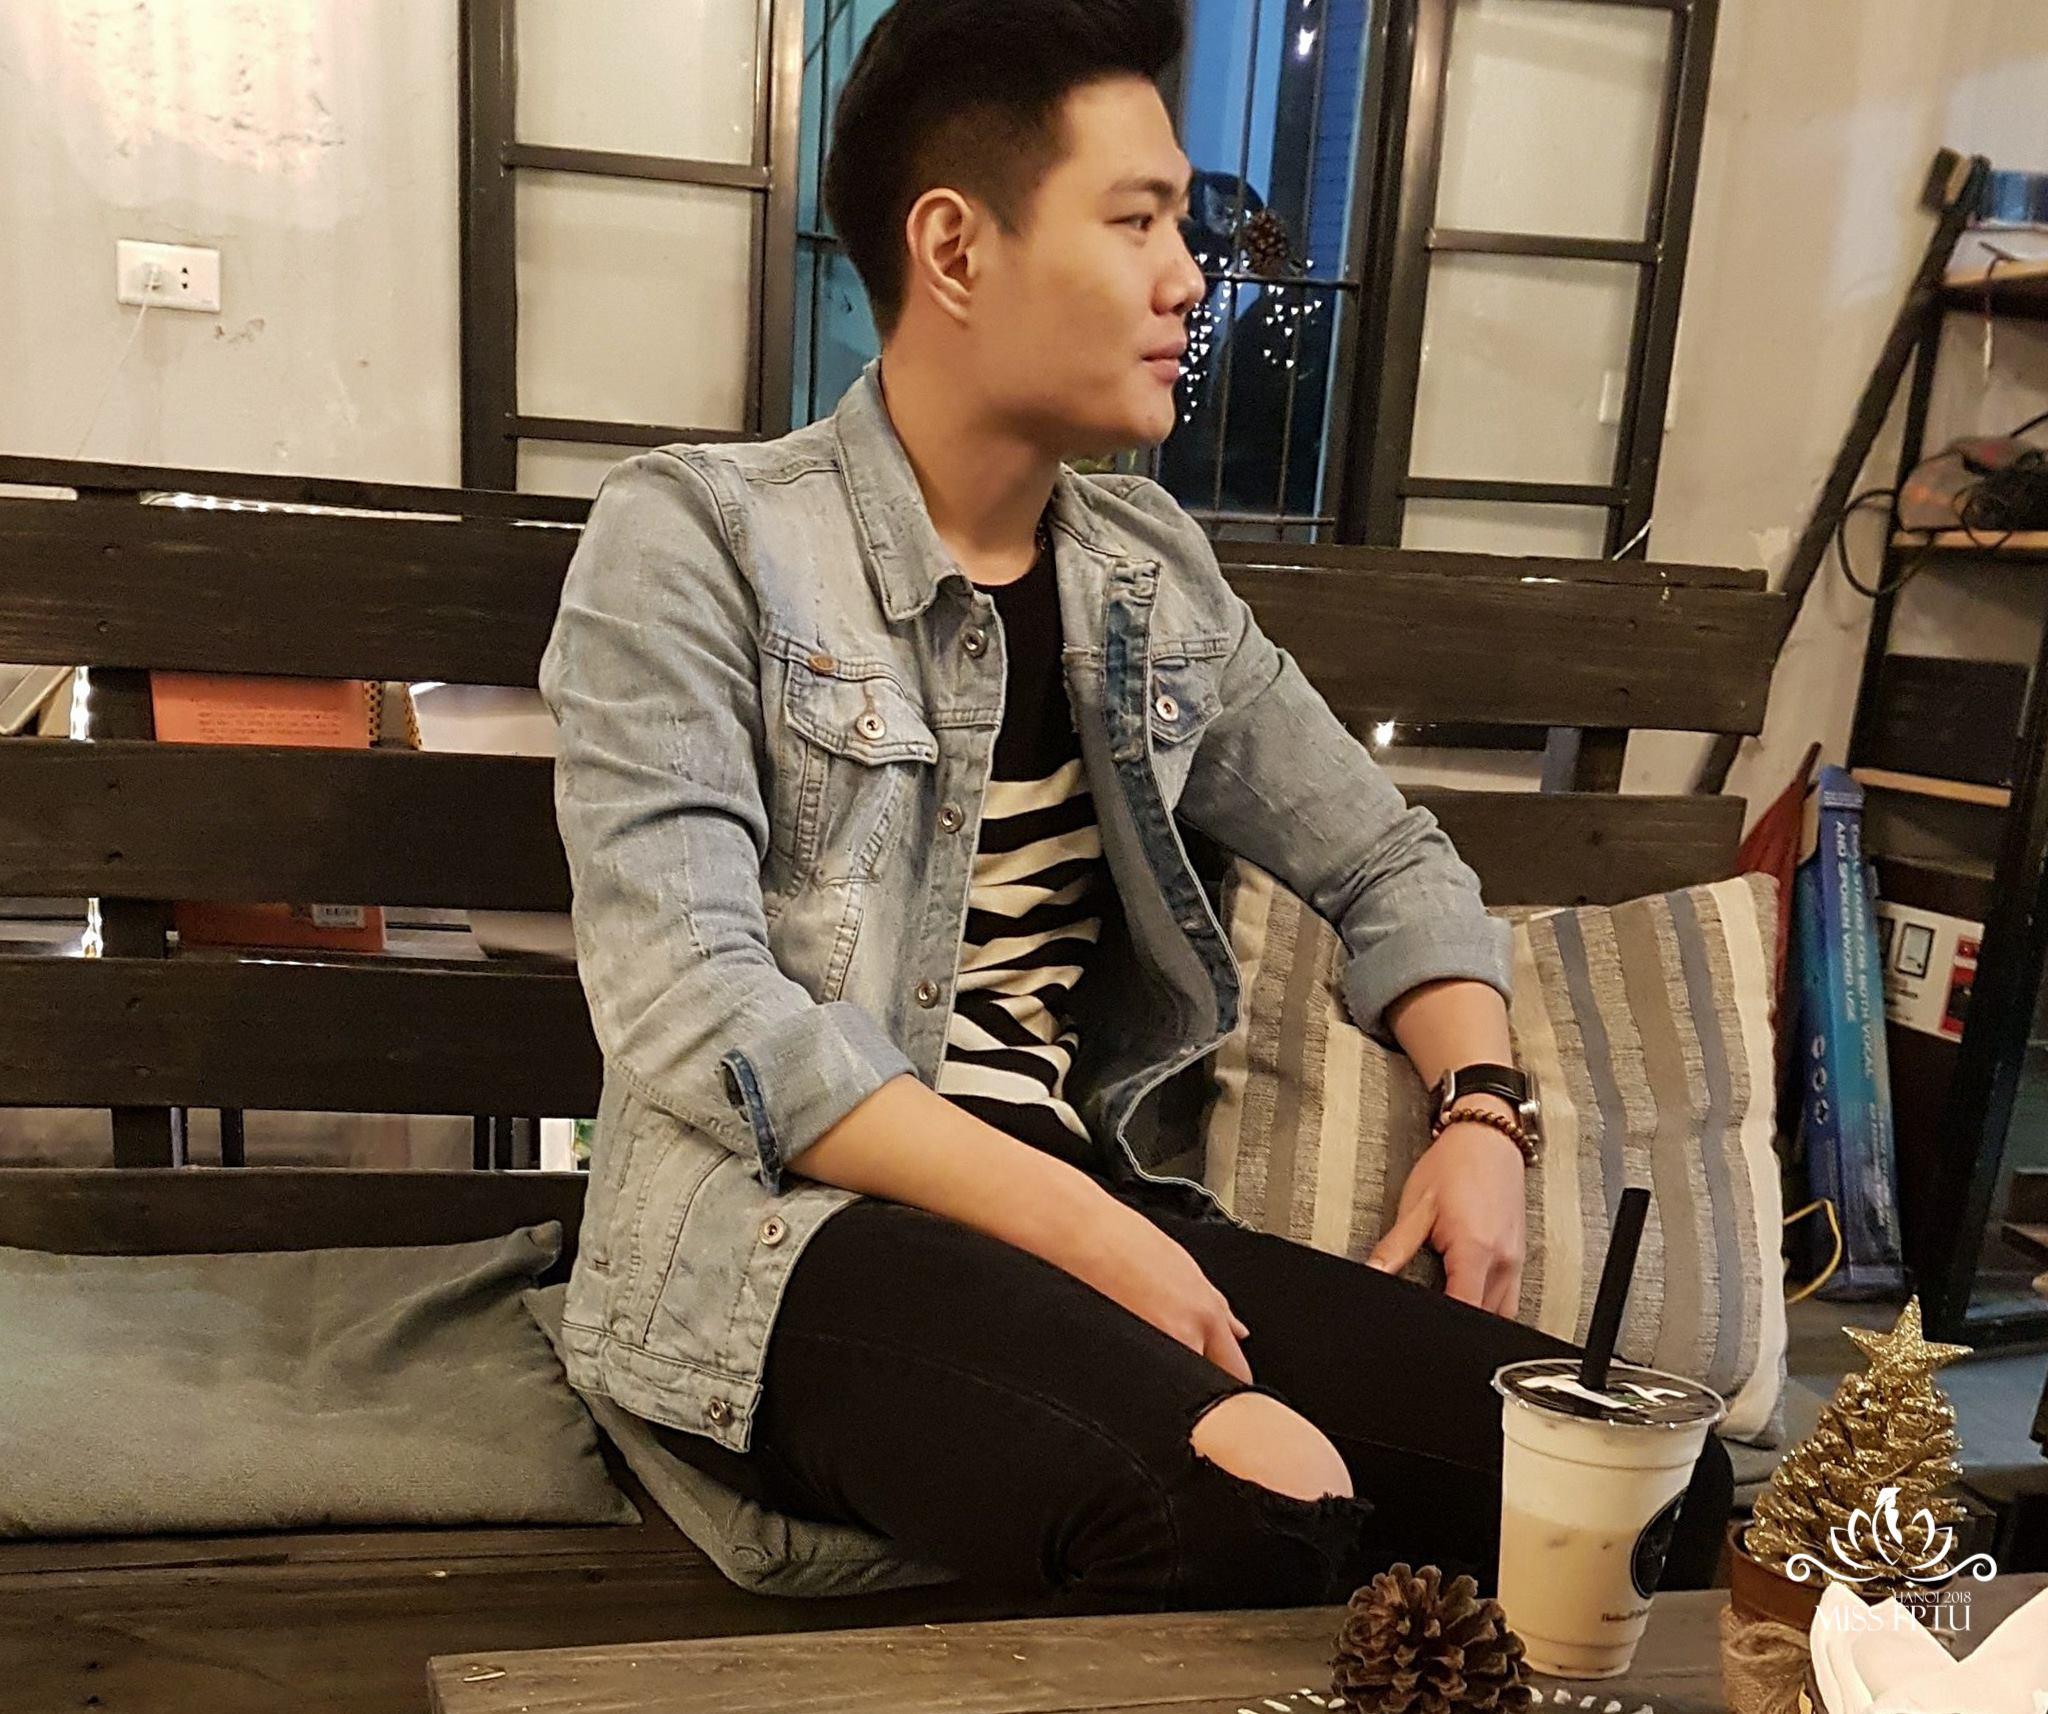 """Nguyễn Đình Công (1995); Chiều cao: 1m73 Sở trường: Bóng đá, Guitar """"Mình đến với cuộc thi vì được thử sức và làm quen với nhiều bạn mới""""."""